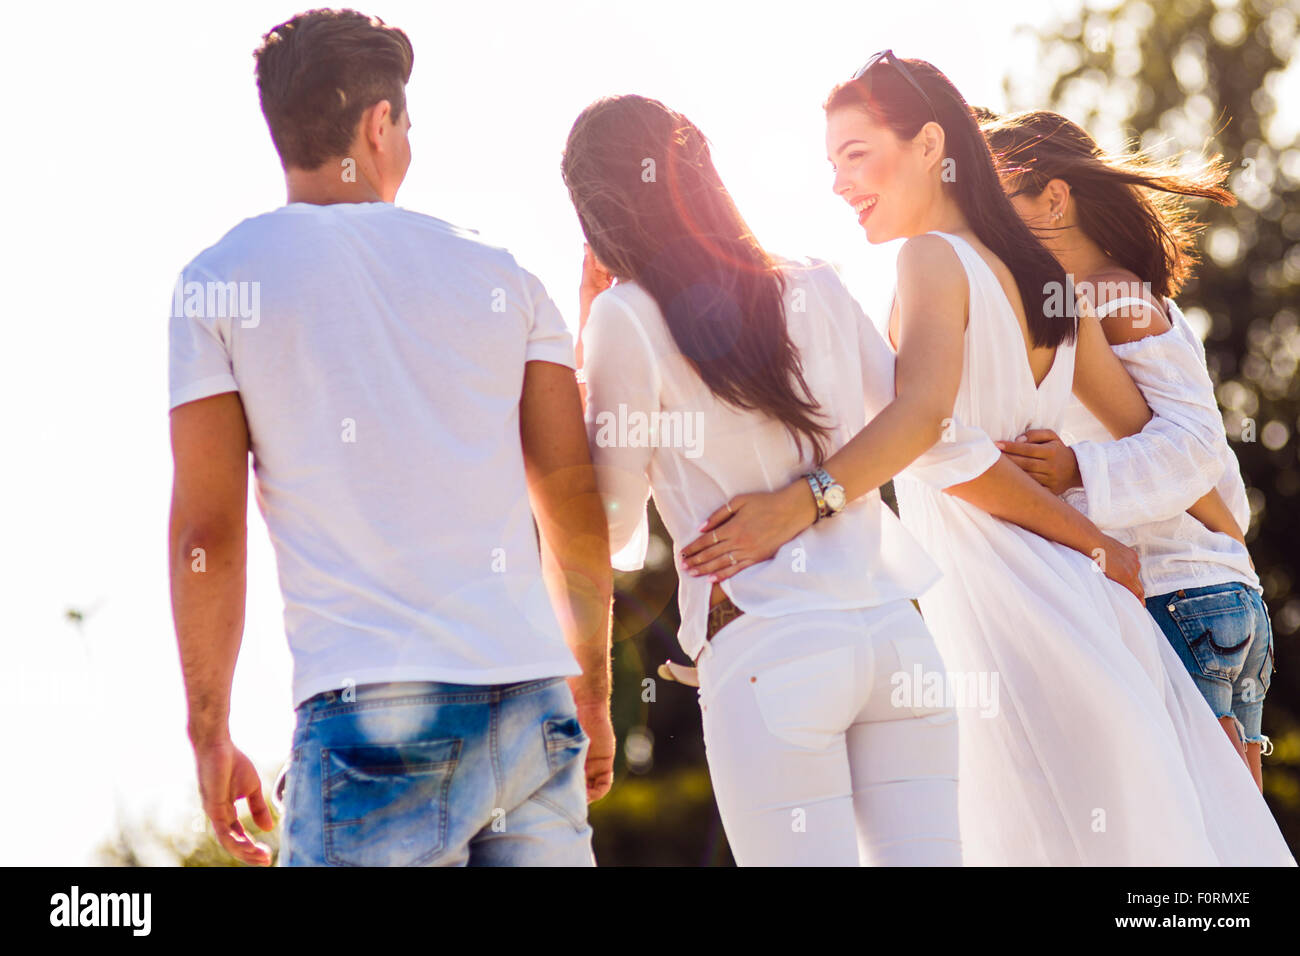 Gruppe von Jugendlichen, die Hand in Hand am Strand als Zeichen der Freundschaft Stockbild